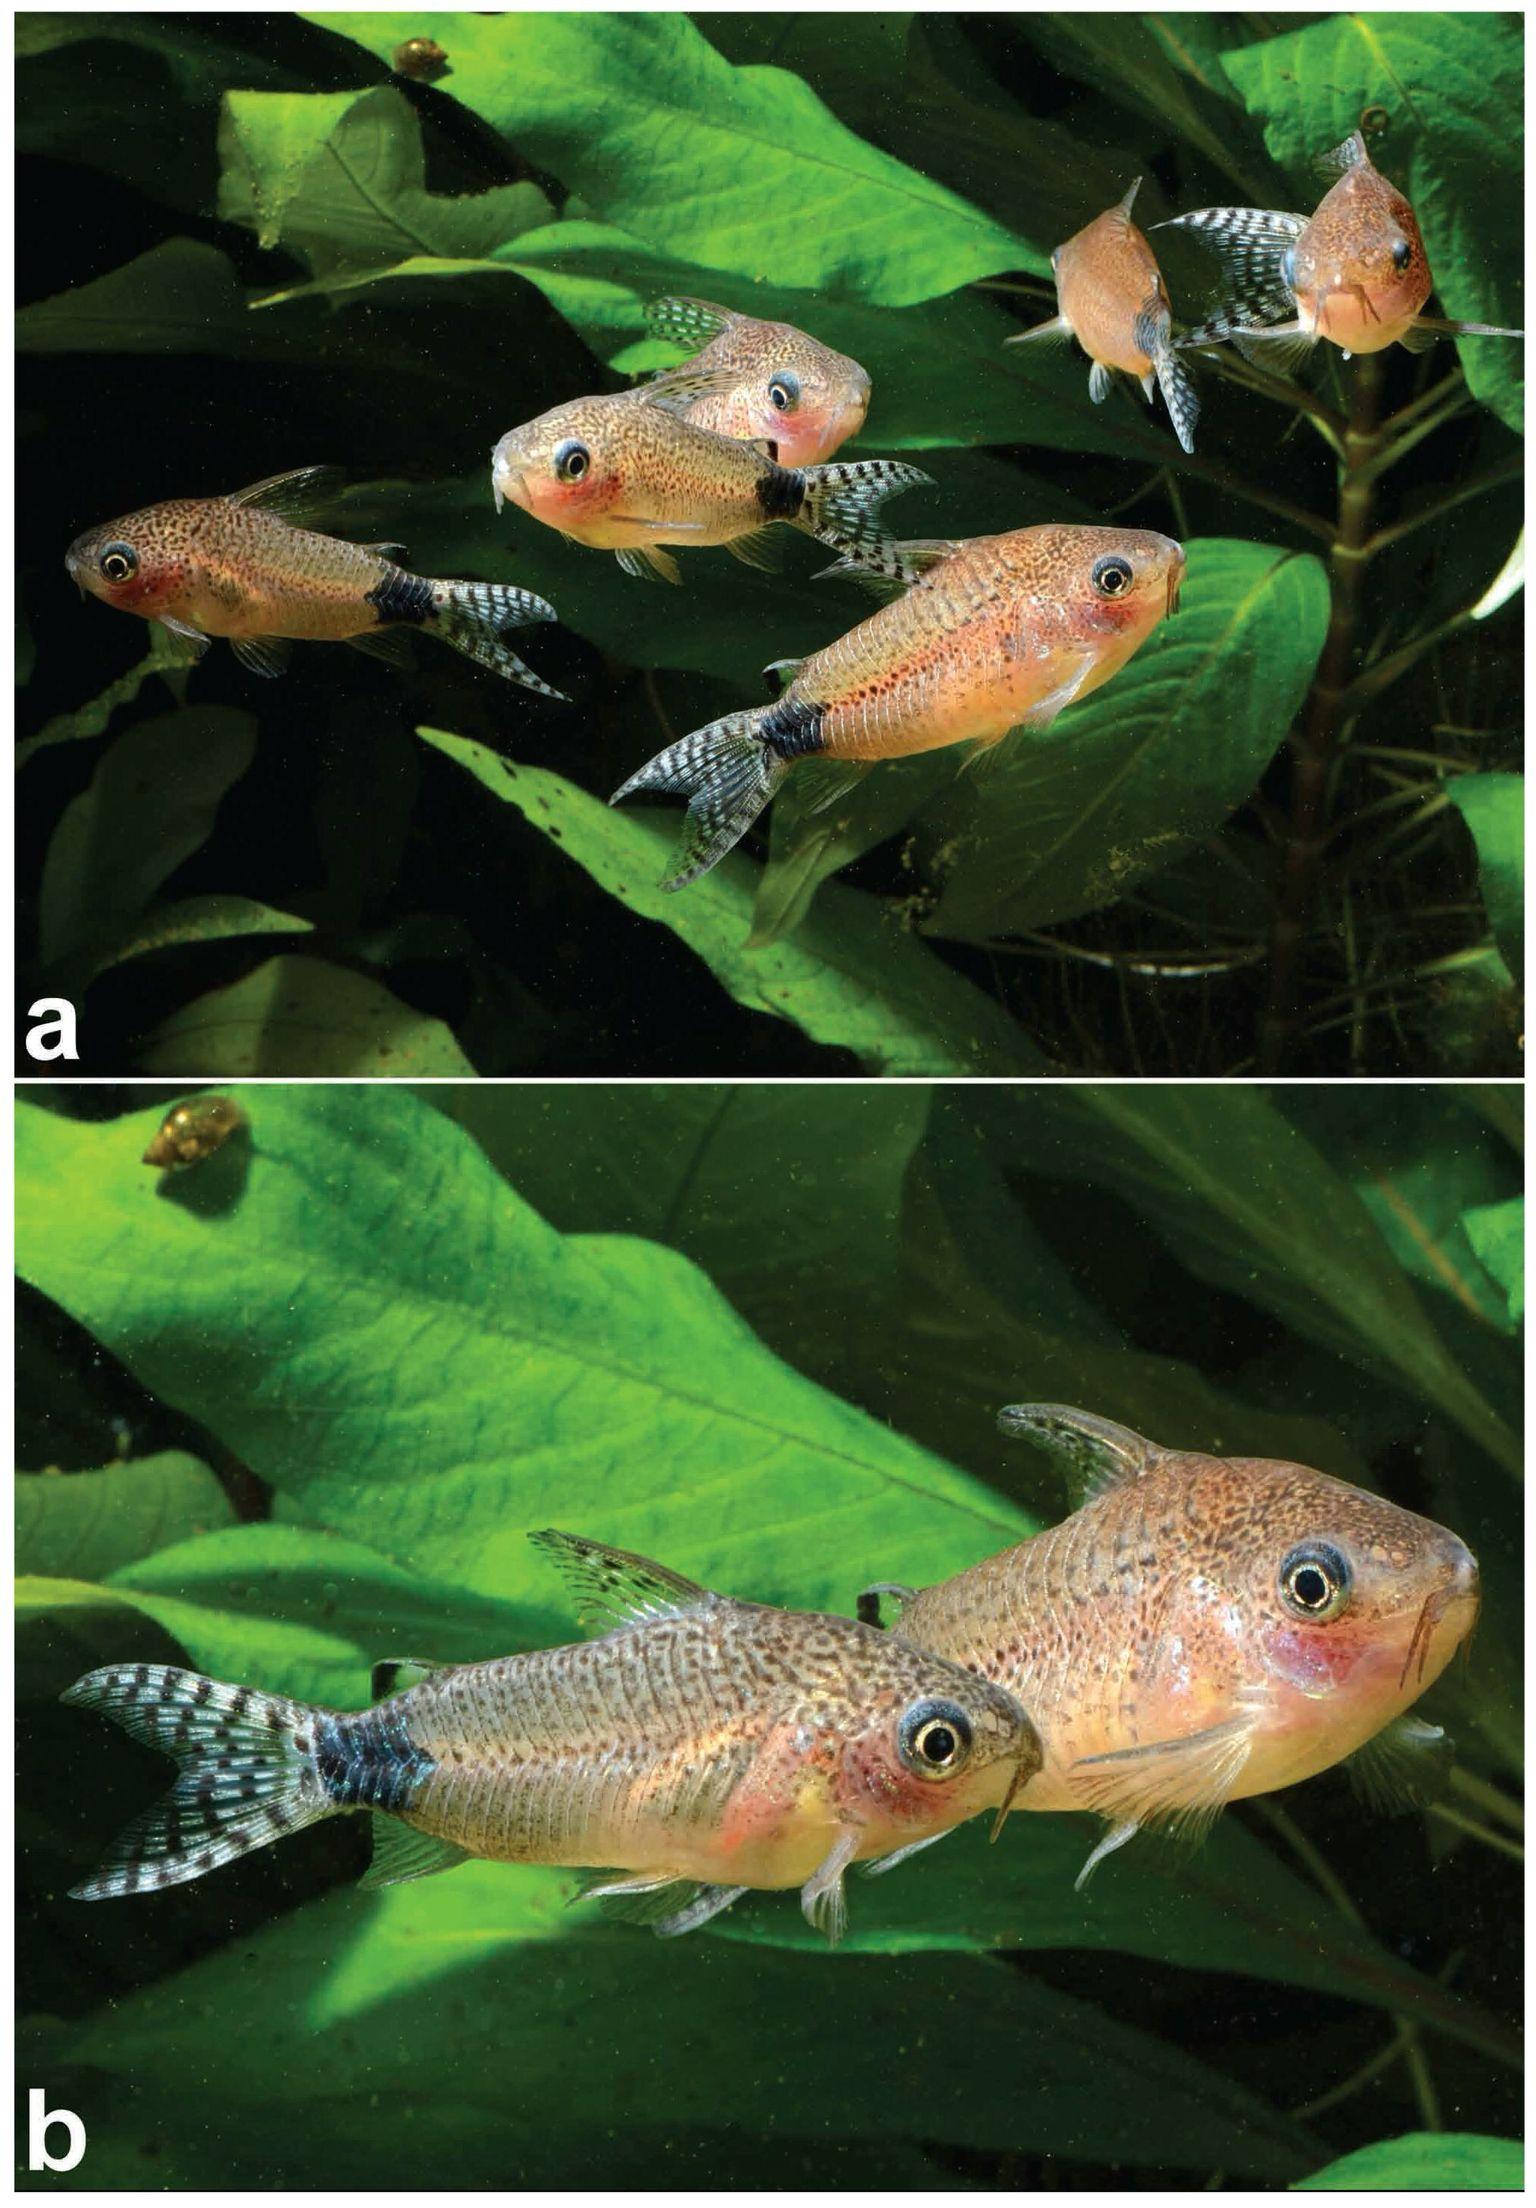 Маленькие рыбки для маленького аквариума: топ–11 популярных представителей